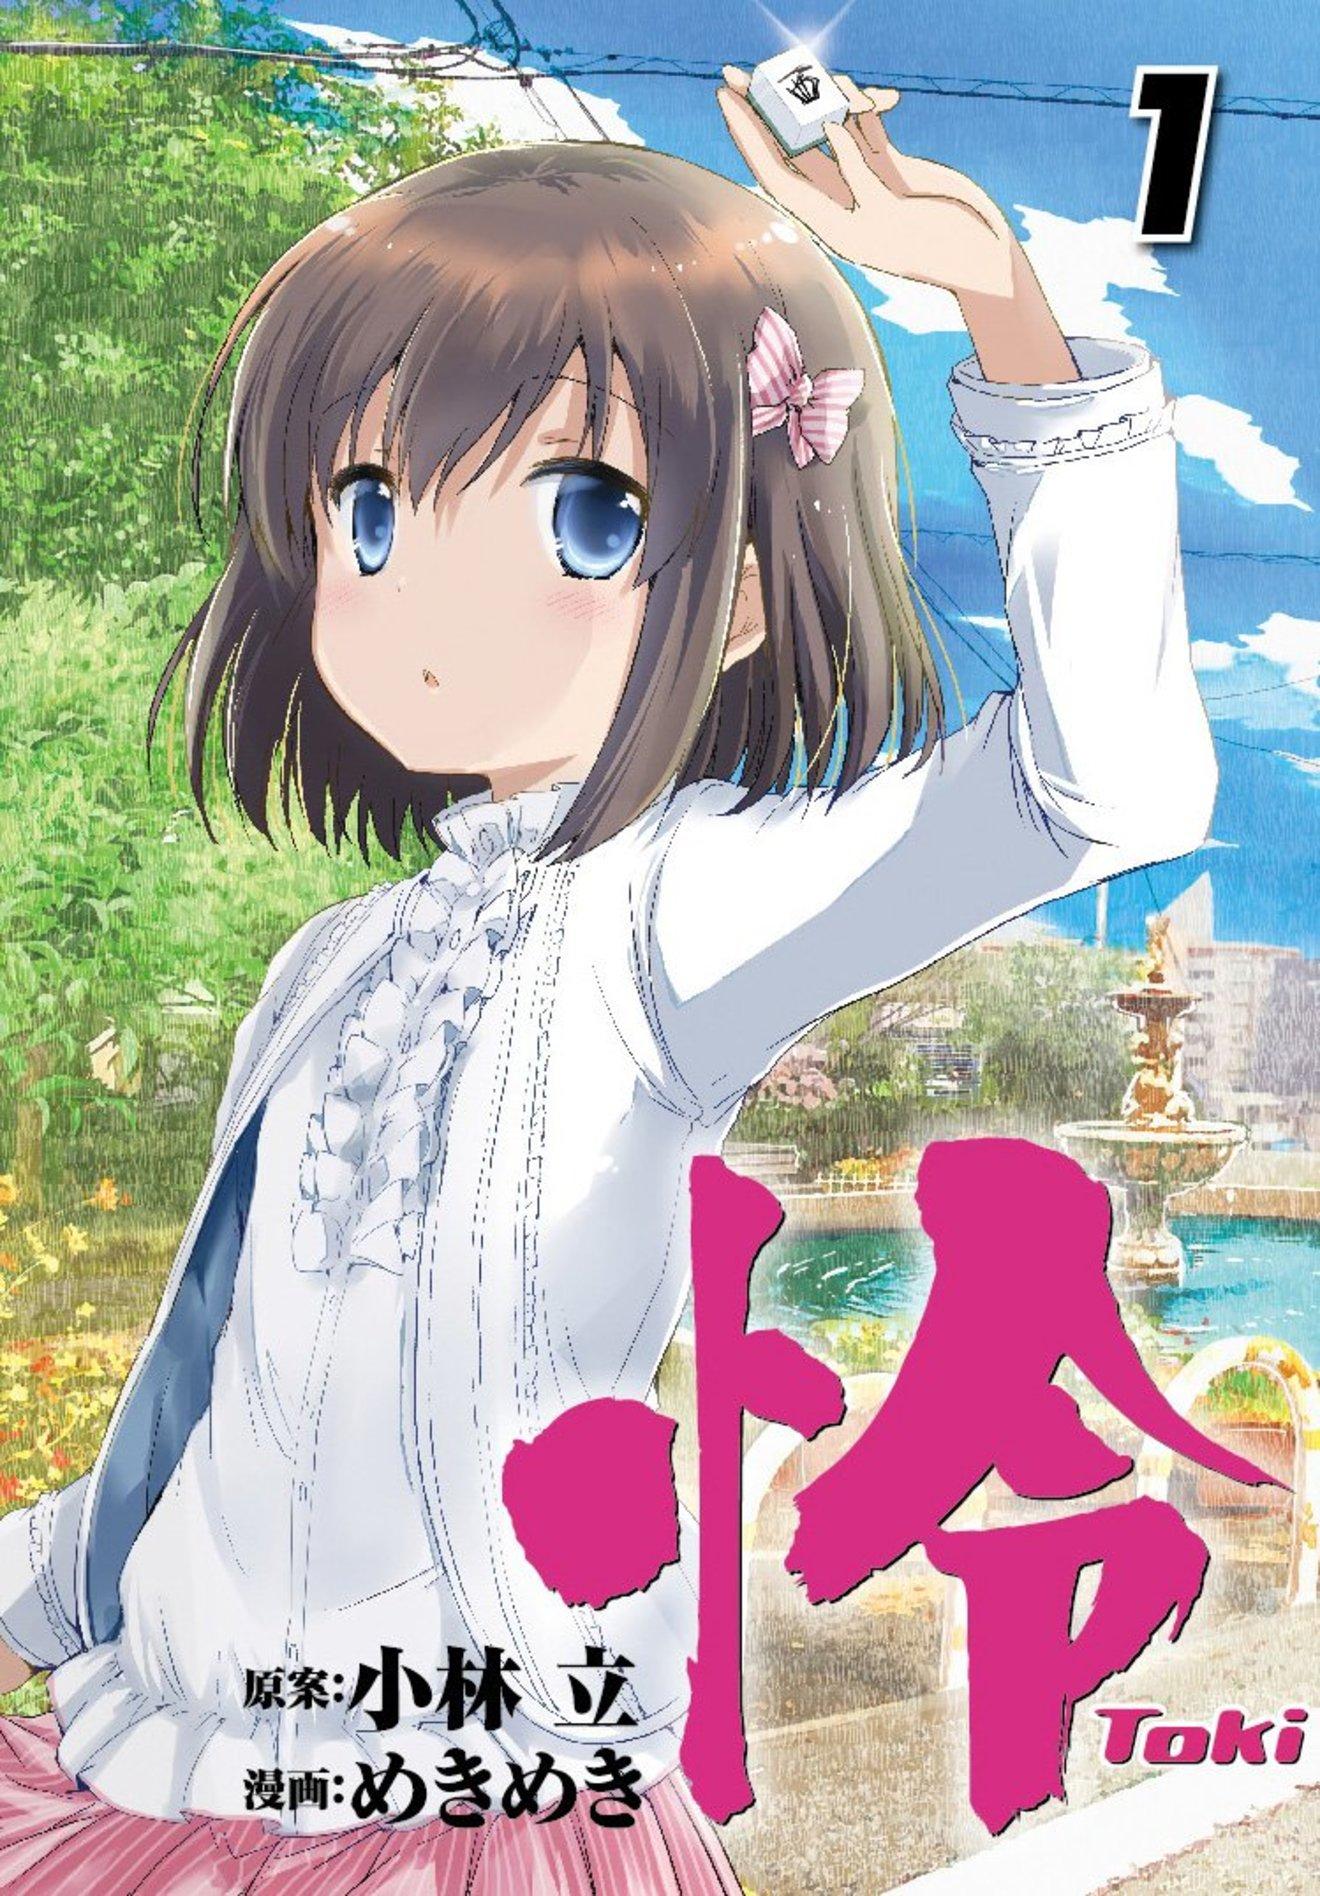 『怜-Toki-』の見所全巻ネタバレ紹介!「咲」未読でも面白い3つの理由